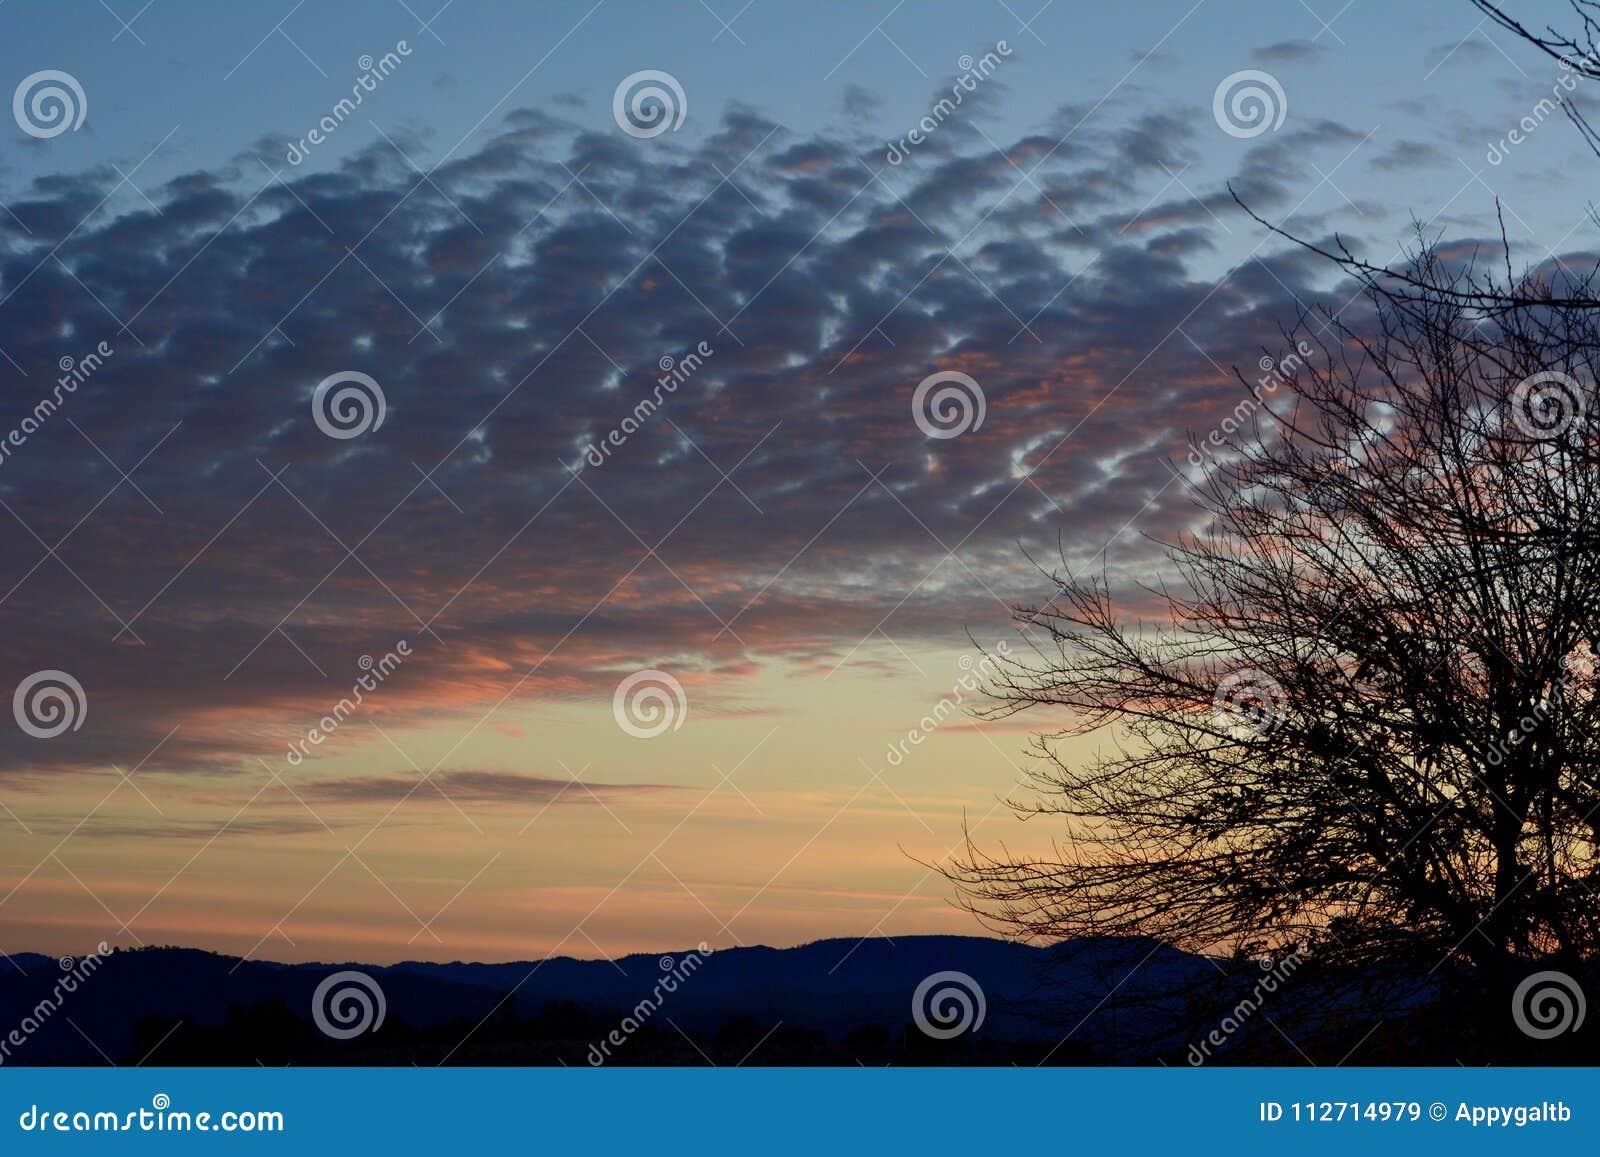 Puesta del sol rural del rancho del país vinícola con los árboles y las nubes